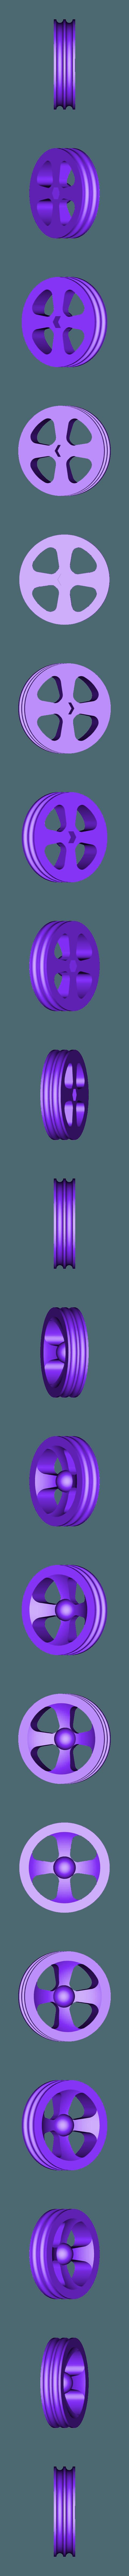 Wheel_Front.stl Télécharger fichier STL gratuit Tabletop Tri-Mode Spring Motor Rolling Chassis • Design pour imprimante 3D, gzumwalt